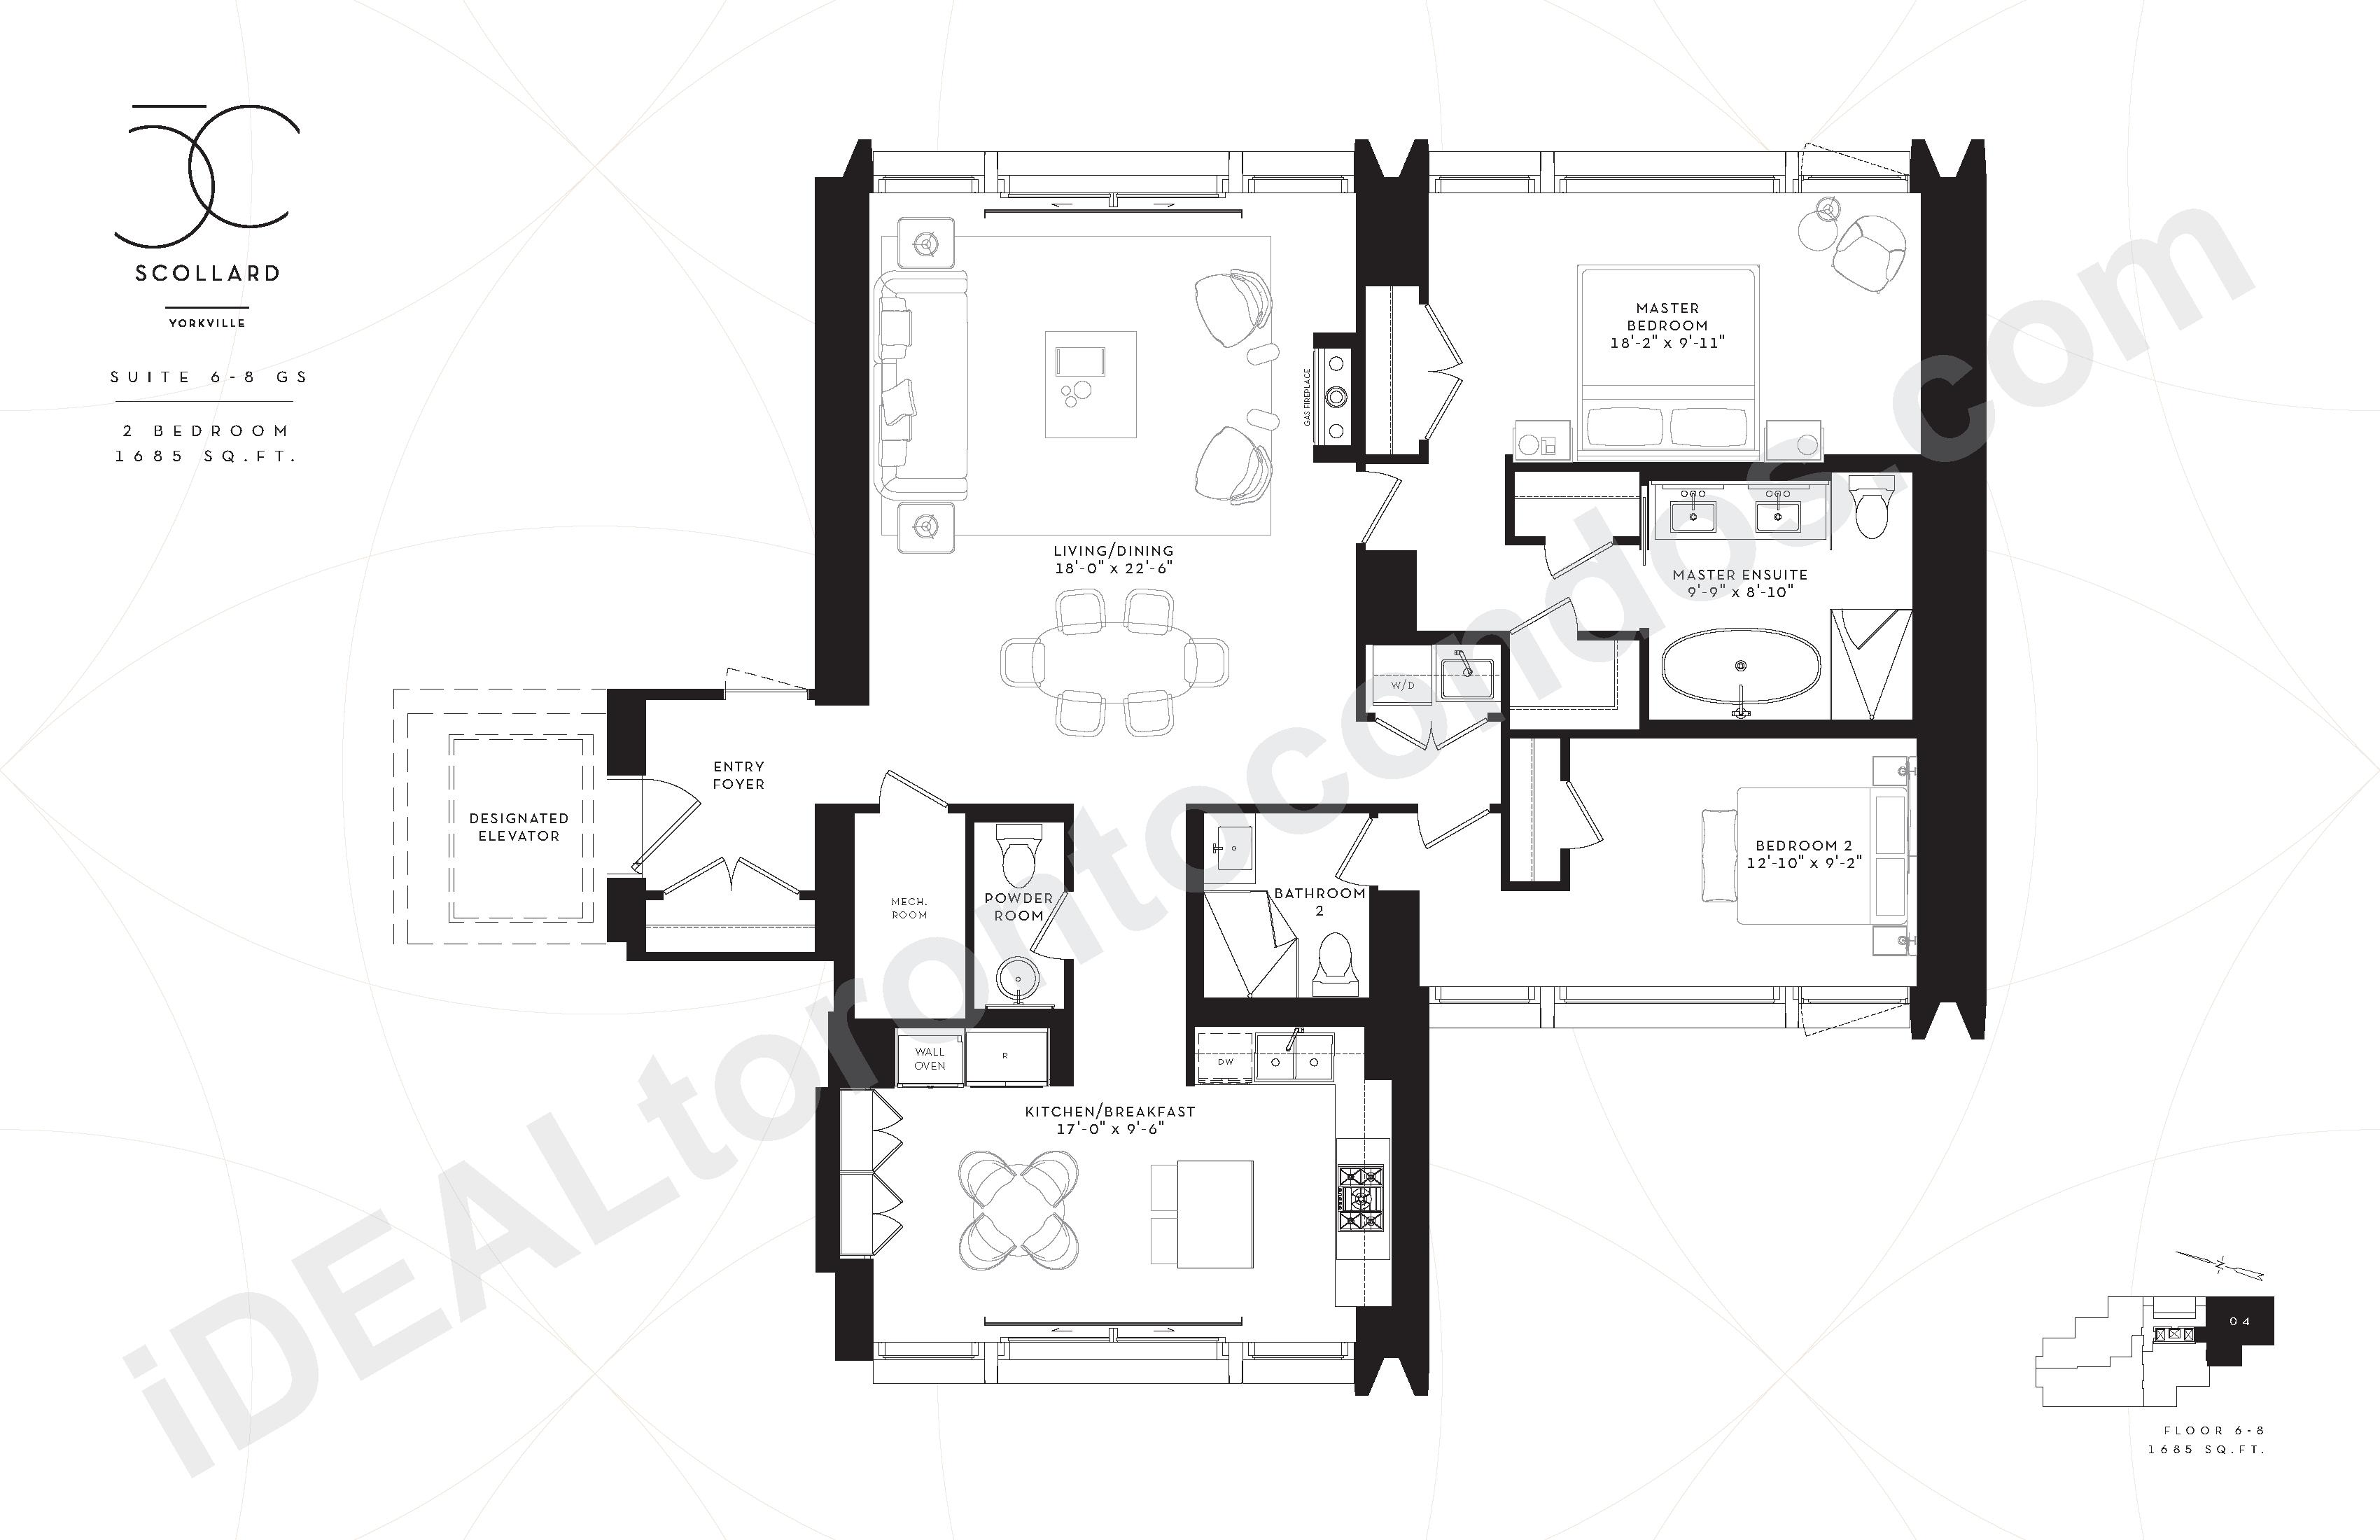 Suite 6-8 GS | 2 Bedroom